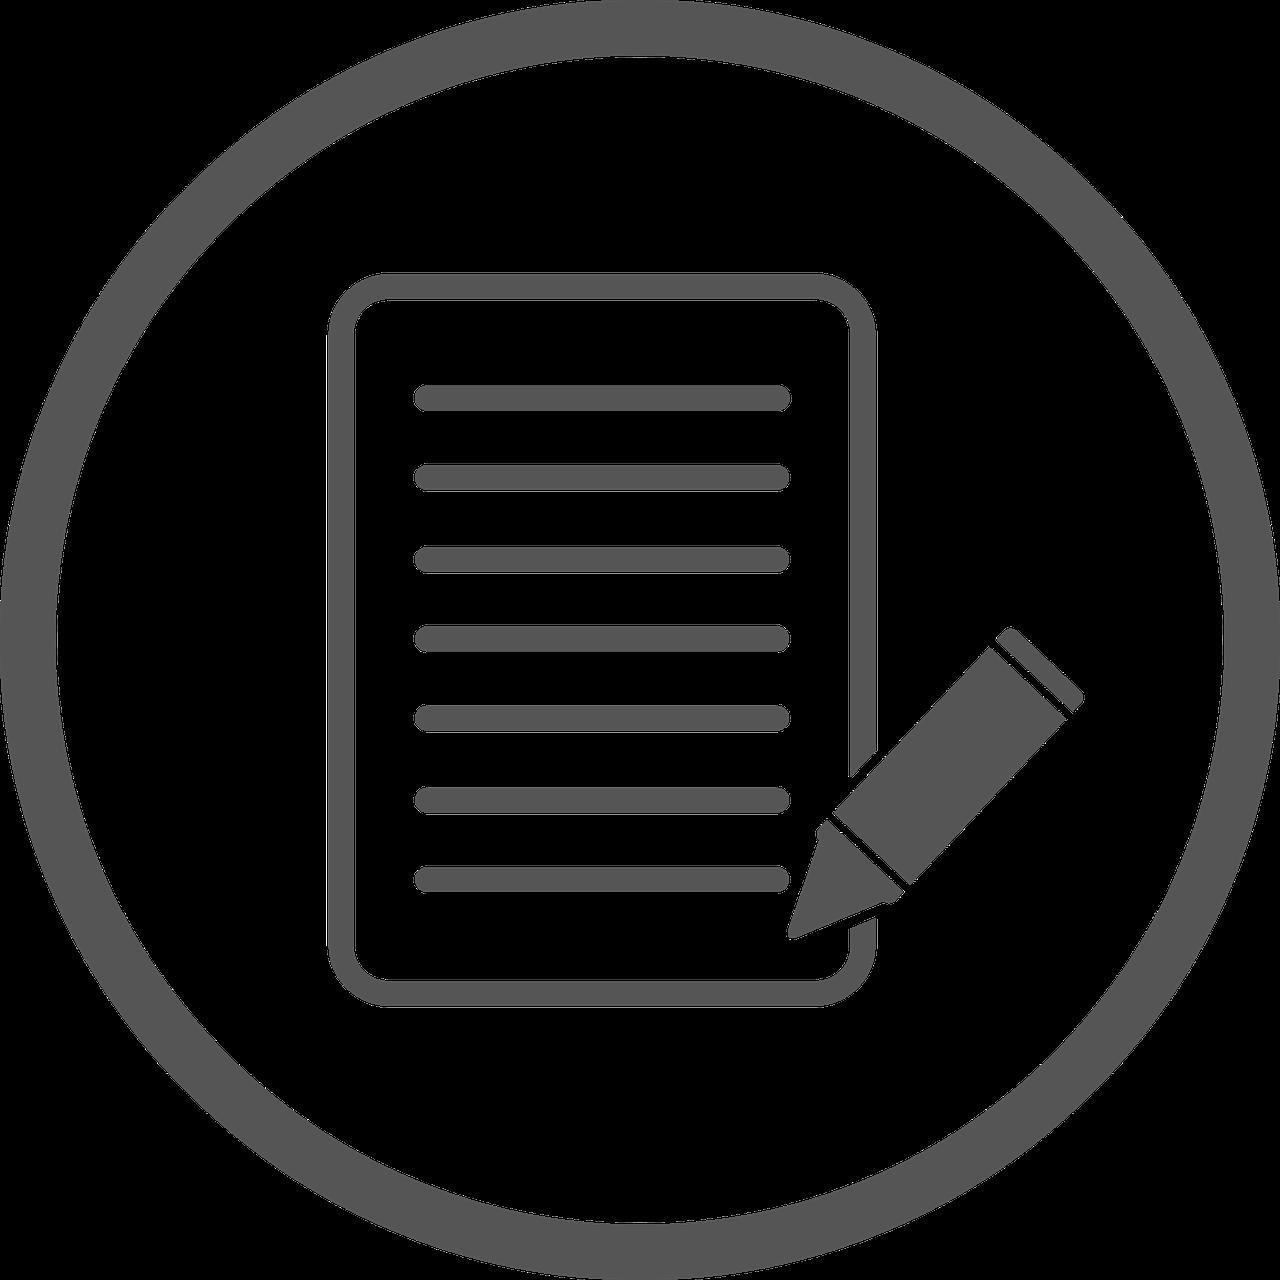 אישור תביעות בביטוח הרכב